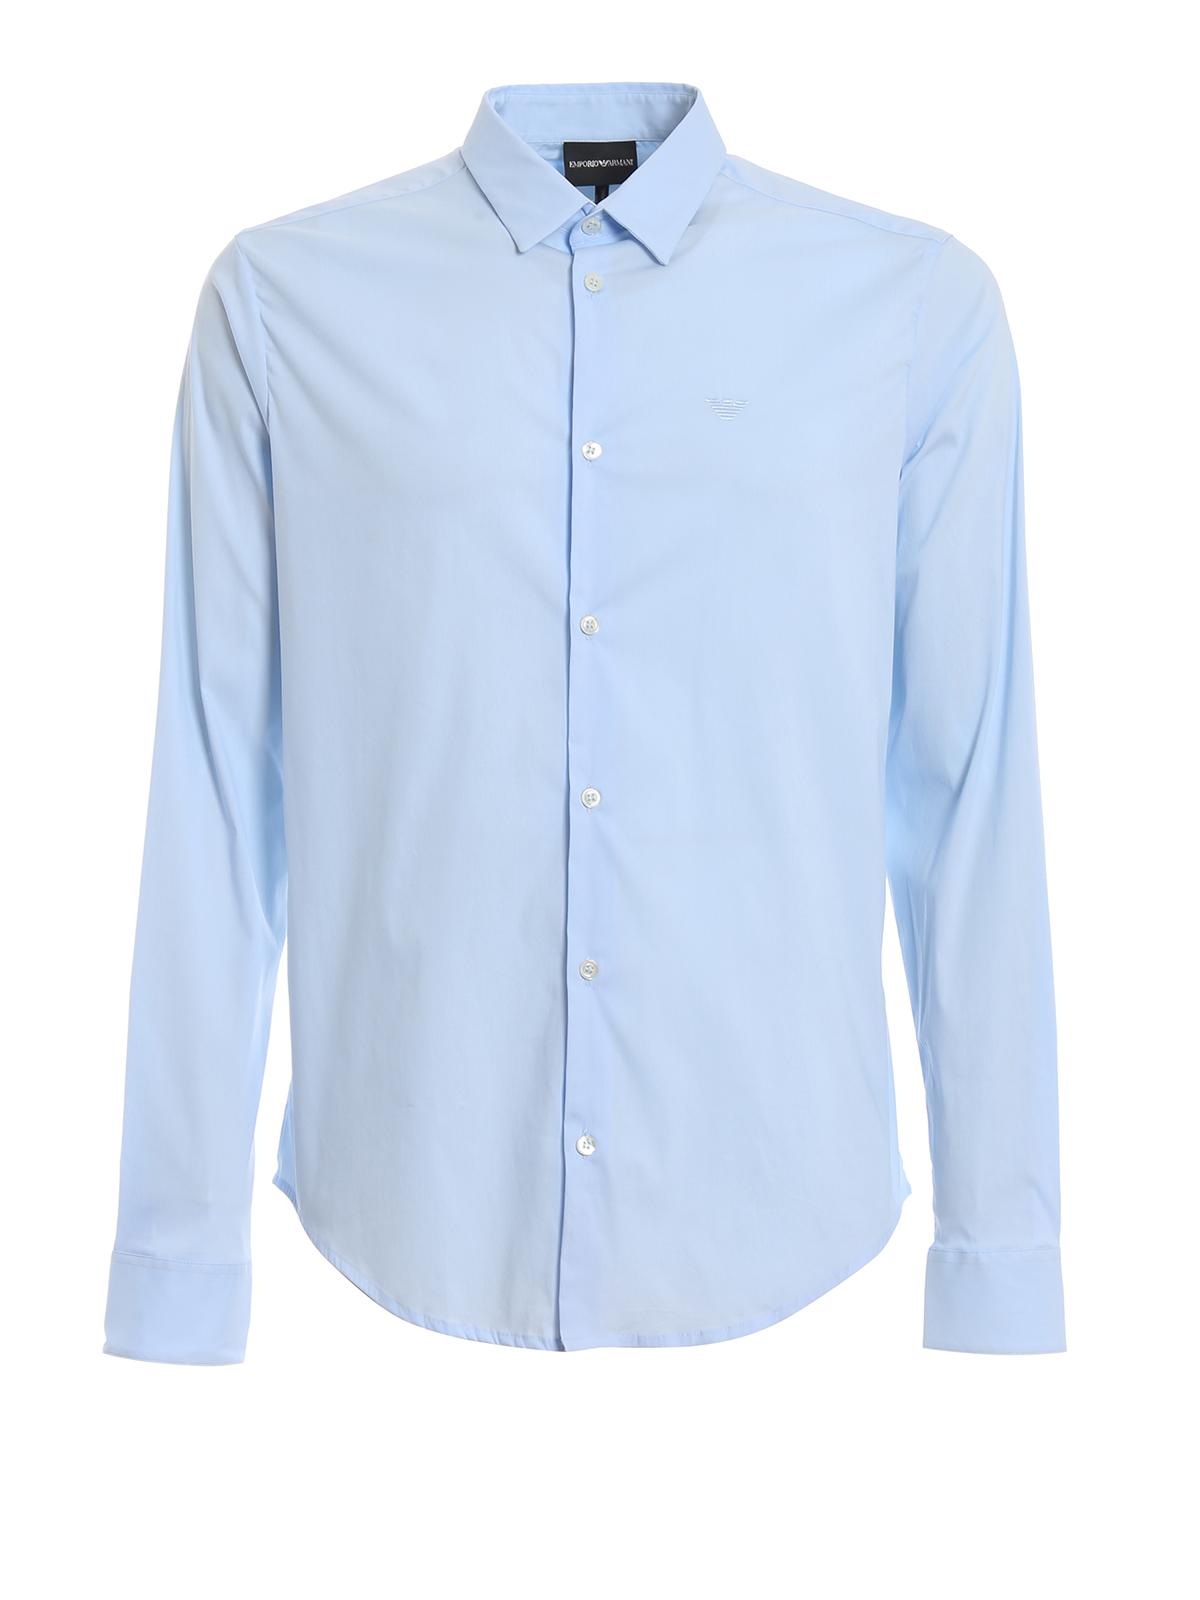 a0183f7c Emporio Armani - Sky blue stretch poplin slim fit shirt - پیراهن ...